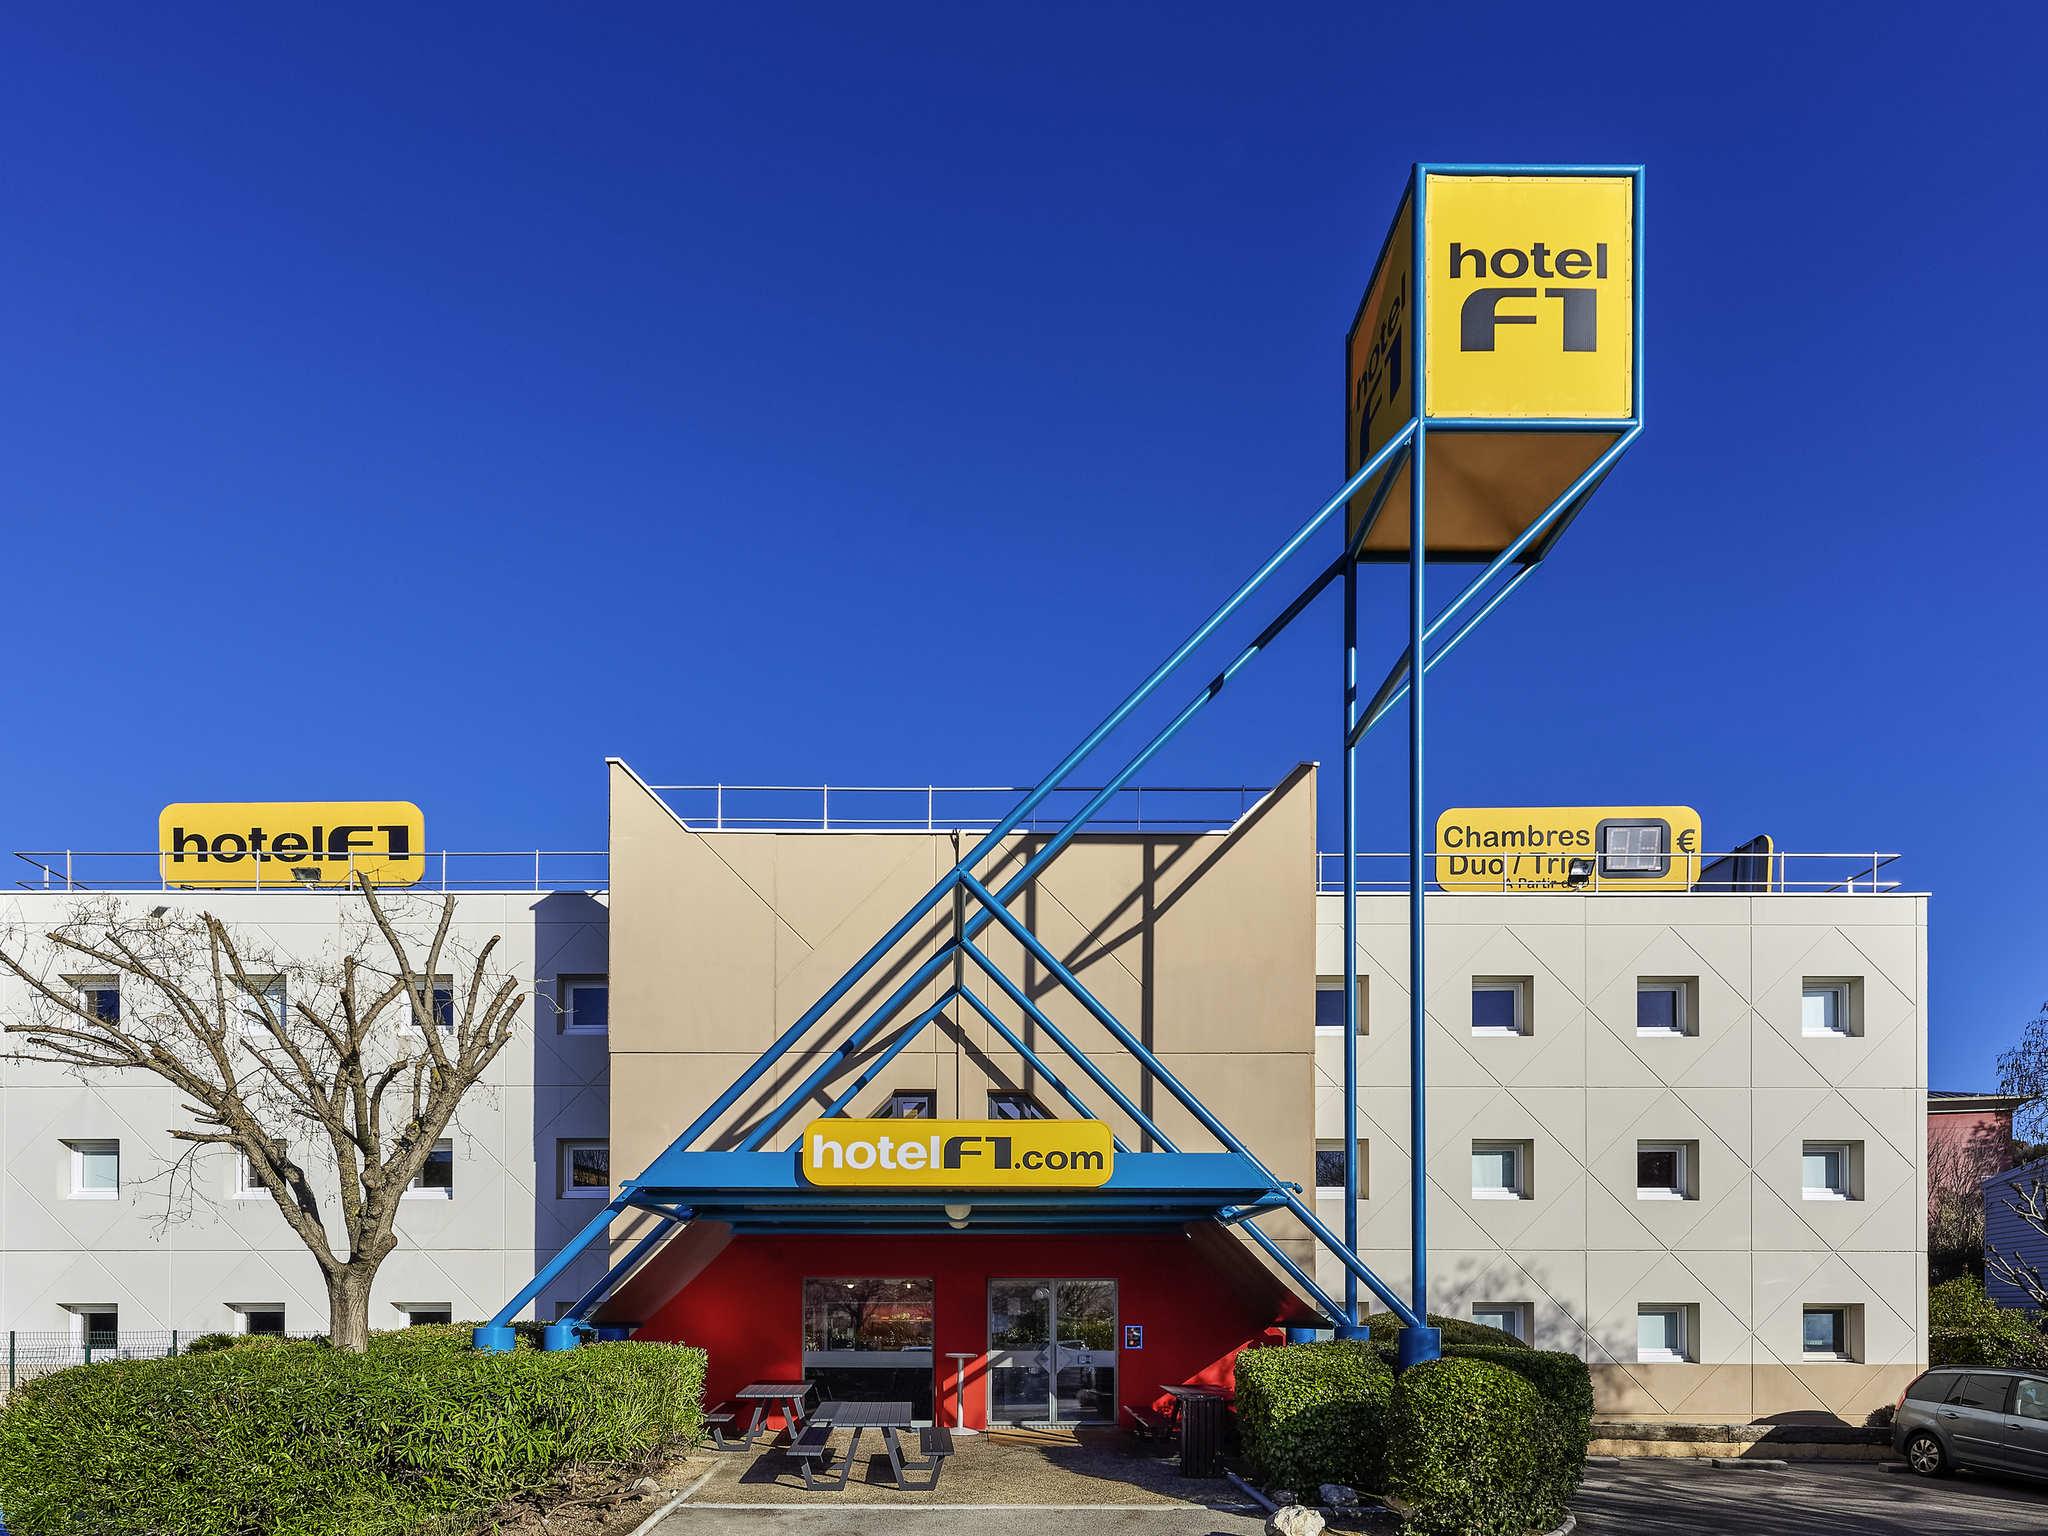 ホテル – hotelF1 Rennes Sud Est Chantepie